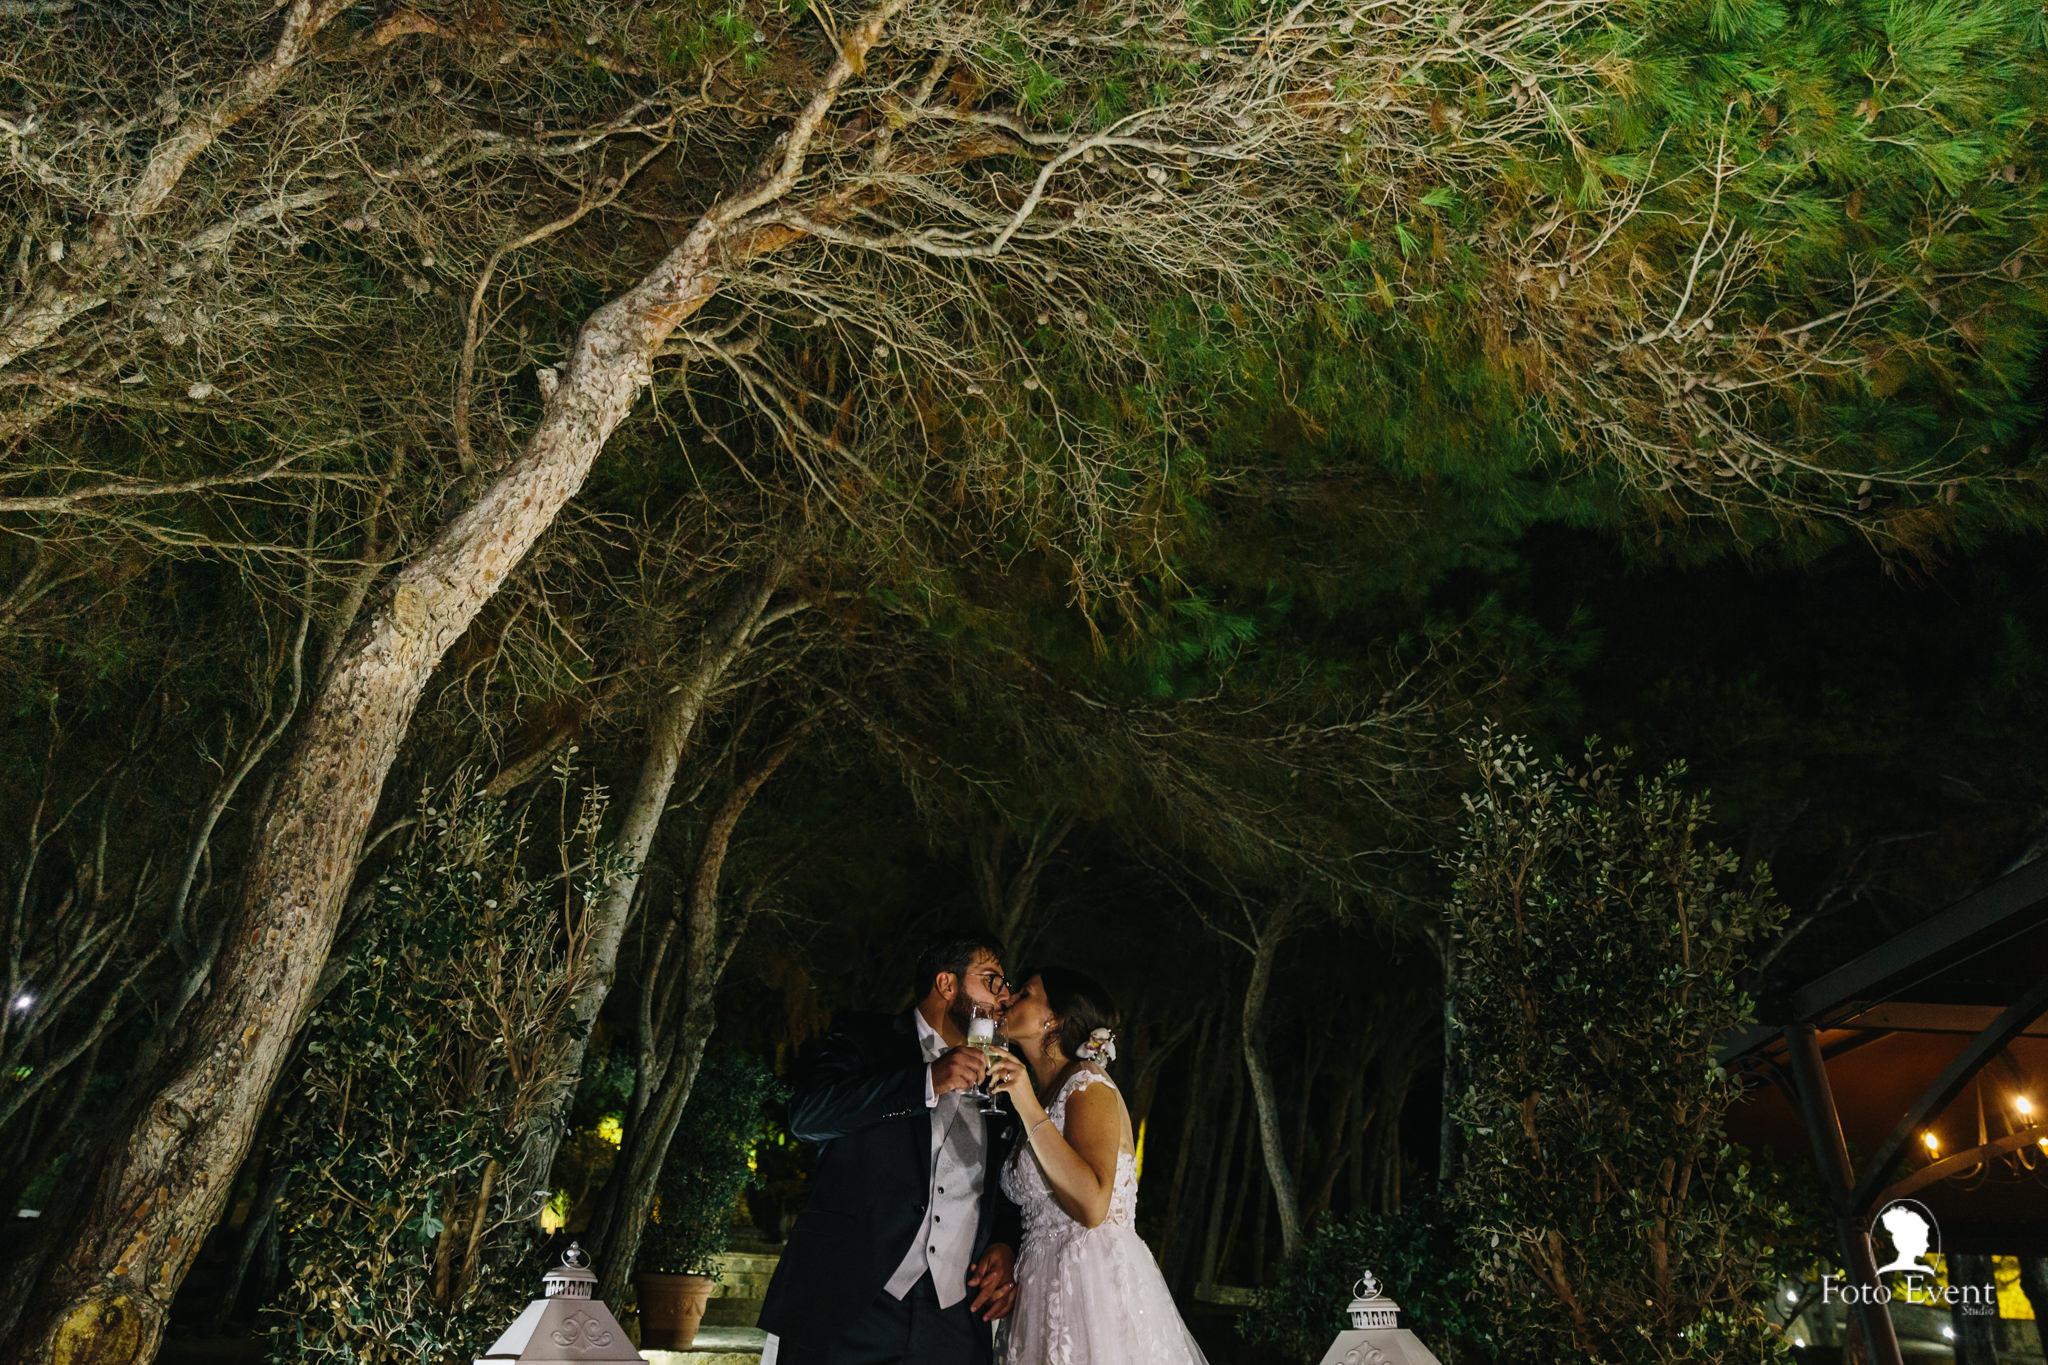 049-2019-09-09-Matrimonio-Dorotea-e-Alberto-Iemmolo-5DE-1415